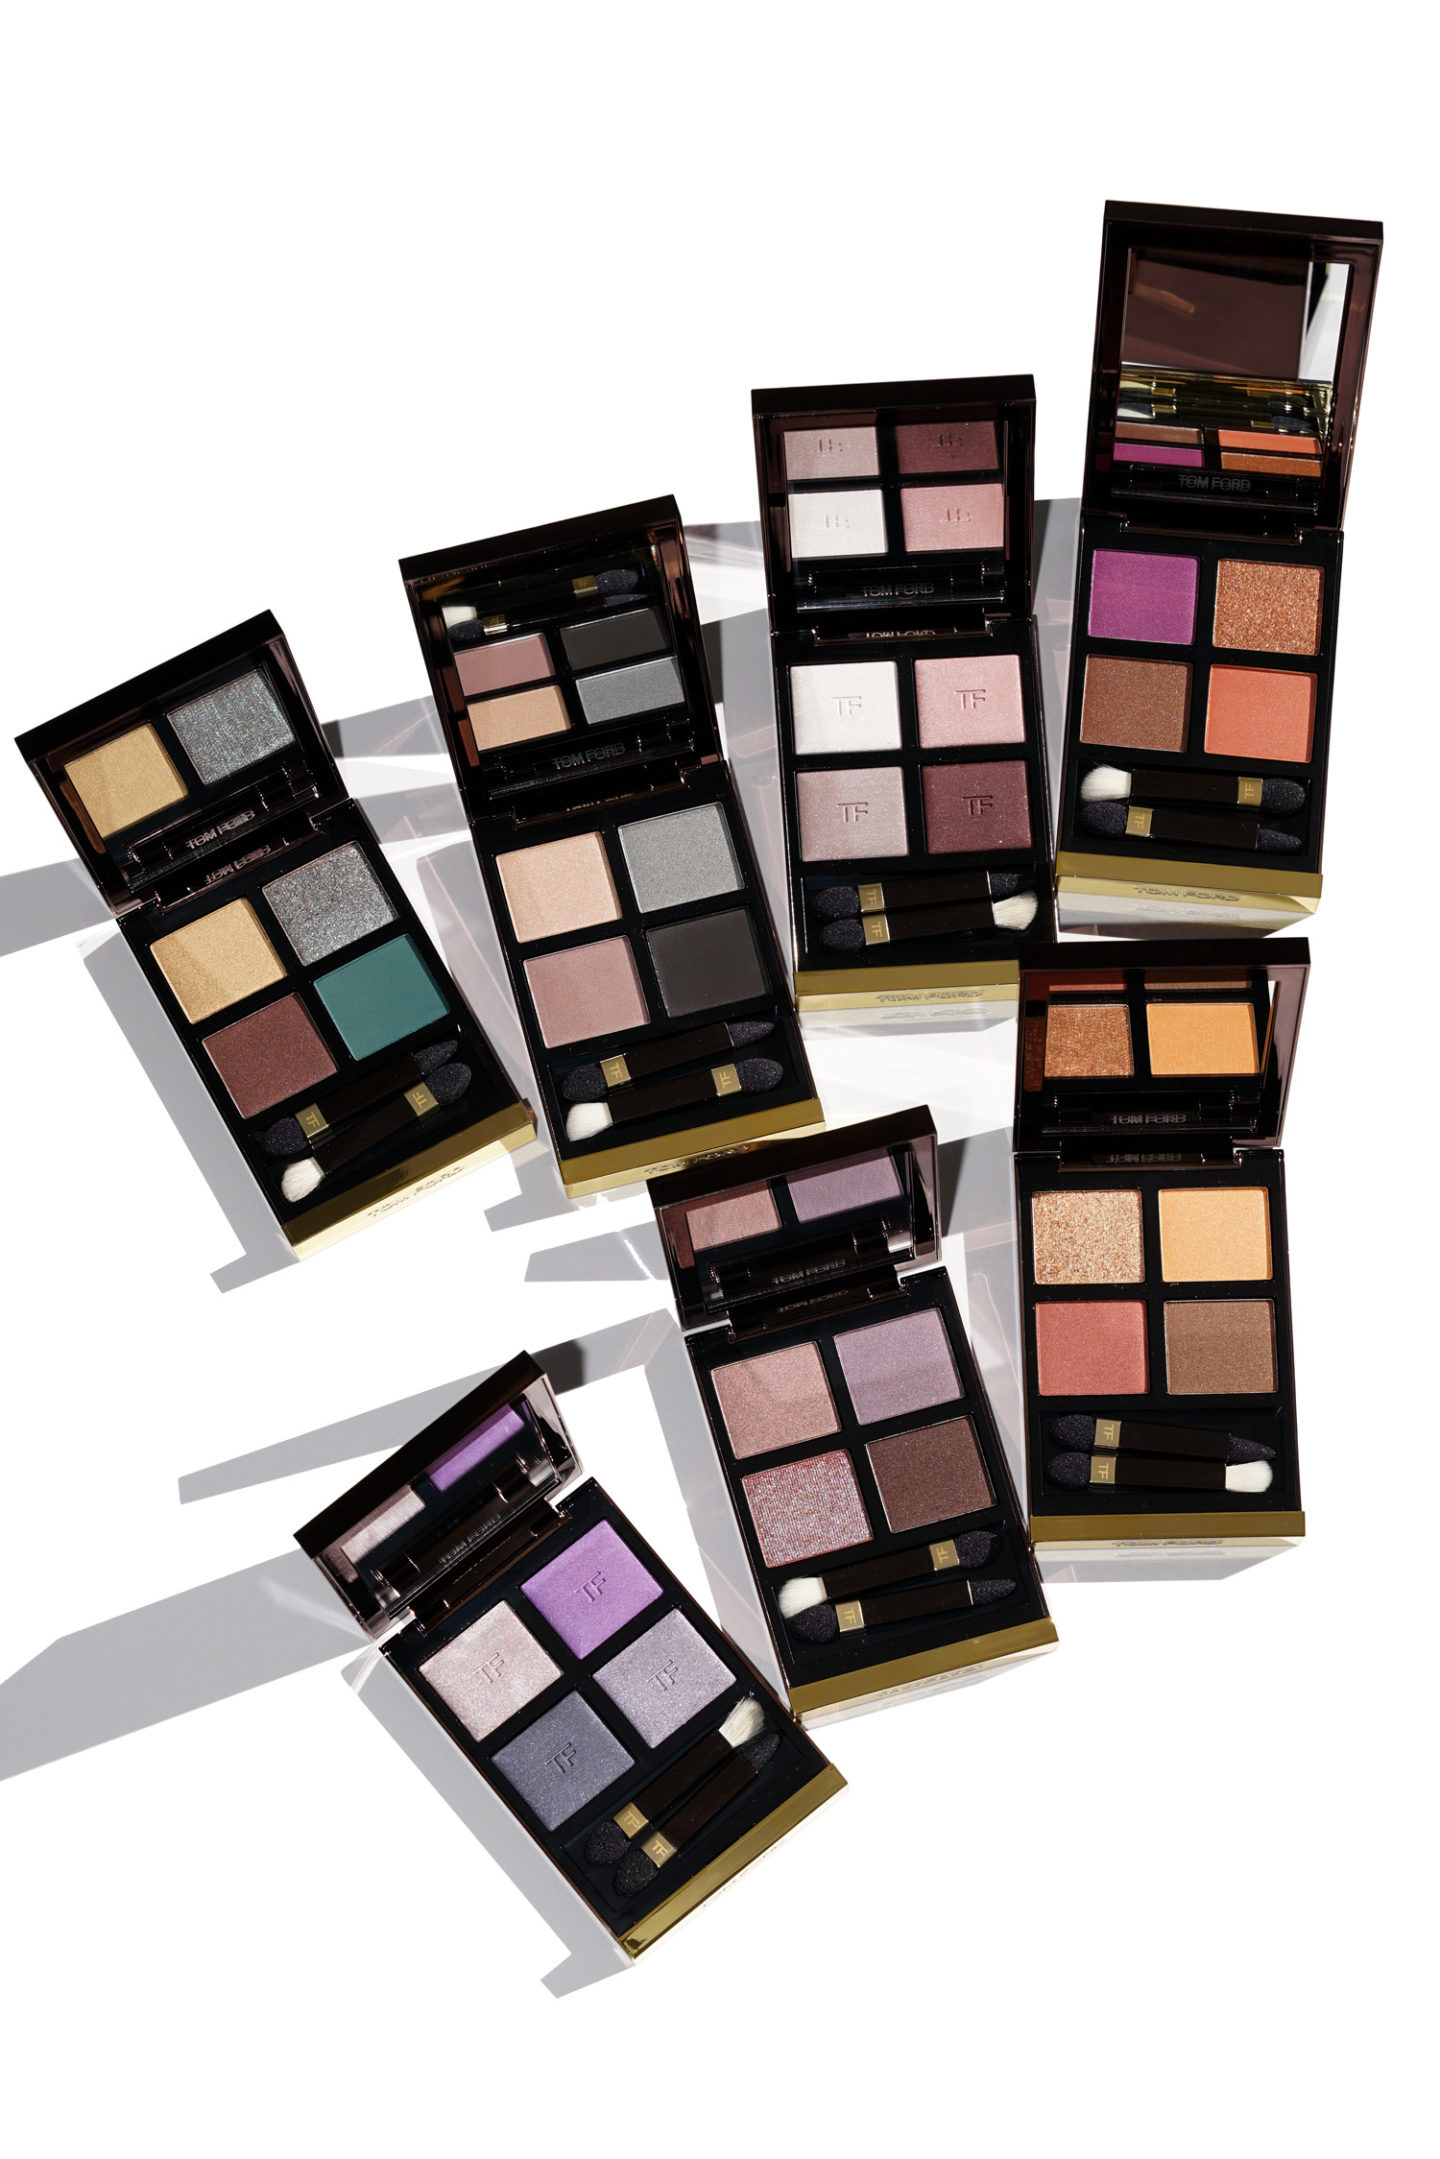 """Revue et nuances de couleurs de Tom Ford Eye Color Quads """"width ="""" 1080 """"height ="""" 1619 """"srcset ="""" http://thebeautylookbook.com/wp-content/uploads/2019/02/Tom-Ford-New-Eyeshadow- Quads-review-sabrina-1440x2159.jpg 1440w, http://thebeautylookbook.com/wp-content/uploads/2019/02/Tom-Ford-New-Eyeshadow-Quads-review-sabrina-800x1199.jpg 800w, http: //thebeautylookbook.com/wp-content/uploads/2019/02/Tom-Ford-New-Eyeshadow-Quads-review-sabrina-67x100.jpg 67w, http://thebeautylookbook.com/wp-content/uploads/2019 /02/Tom-Ford-New-Eyeshadow-Quads-review-sabrina-1080x1619.jpg 1080w, http://thebeautylookbook.com/wp-content/uploads/2019/02/Tom-Ford-New-Eyeshadow-Quads- review-sabrina.jpg 1500w """"tailles ="""" (largeur maximale: 1080px) 100vw, 1080px """"données-jpibfi-post-excerpt ="""" Revue et échantillons de la nouvelle palette de couleurs pour les yeux Tom Ford. Sept nouvelles palettes de fards à paupières lancées à la fin de l'année dernière, critiques, réflexions et détails dans l'article de blog d'aujourd'hui. """"Data-jpibfi-post-url ="""" http://thebeautylookbook.com/2019/02/tom-ford-eye-color-quads -new-shades-review-swatches.html """"data-jpibfi-post-title ="""" Revue des nuances de couleurs Ford Ford Quad New Shades + nuances """"data-jpibfi-src ="""" http://thebeautylookbook.com/wp-content/ uploads / 2019/02 / Tom-Ford-New-Eyeshadow-Quads-review-sabrina-1440x2159.jpg """"/></p> <p>Dans l'ensemble, mes préférés sont le Leopard Sun et l'African Violet. C'est une surprise pour moi, car j'adore les ombres à paupières neutres, mais je suis plutôt attirée par les teintes plus chaudes de nos jours. Chaque palette, comme tous les produits Tom Ford Beauty, est très chère et fait l'affaire. Si cela correspond à votre budget, je vous recommanderais de l'acheter si vous pensez utiliser ou aimer les couleurs. Je pense que ceux-ci sont du côté plus audacieux et audacieux, mais la palette de couleurs est unique et très différente de tout ce que vous voyez sur le marché aujourd'hui. C'est ce que je ressens qui r"""